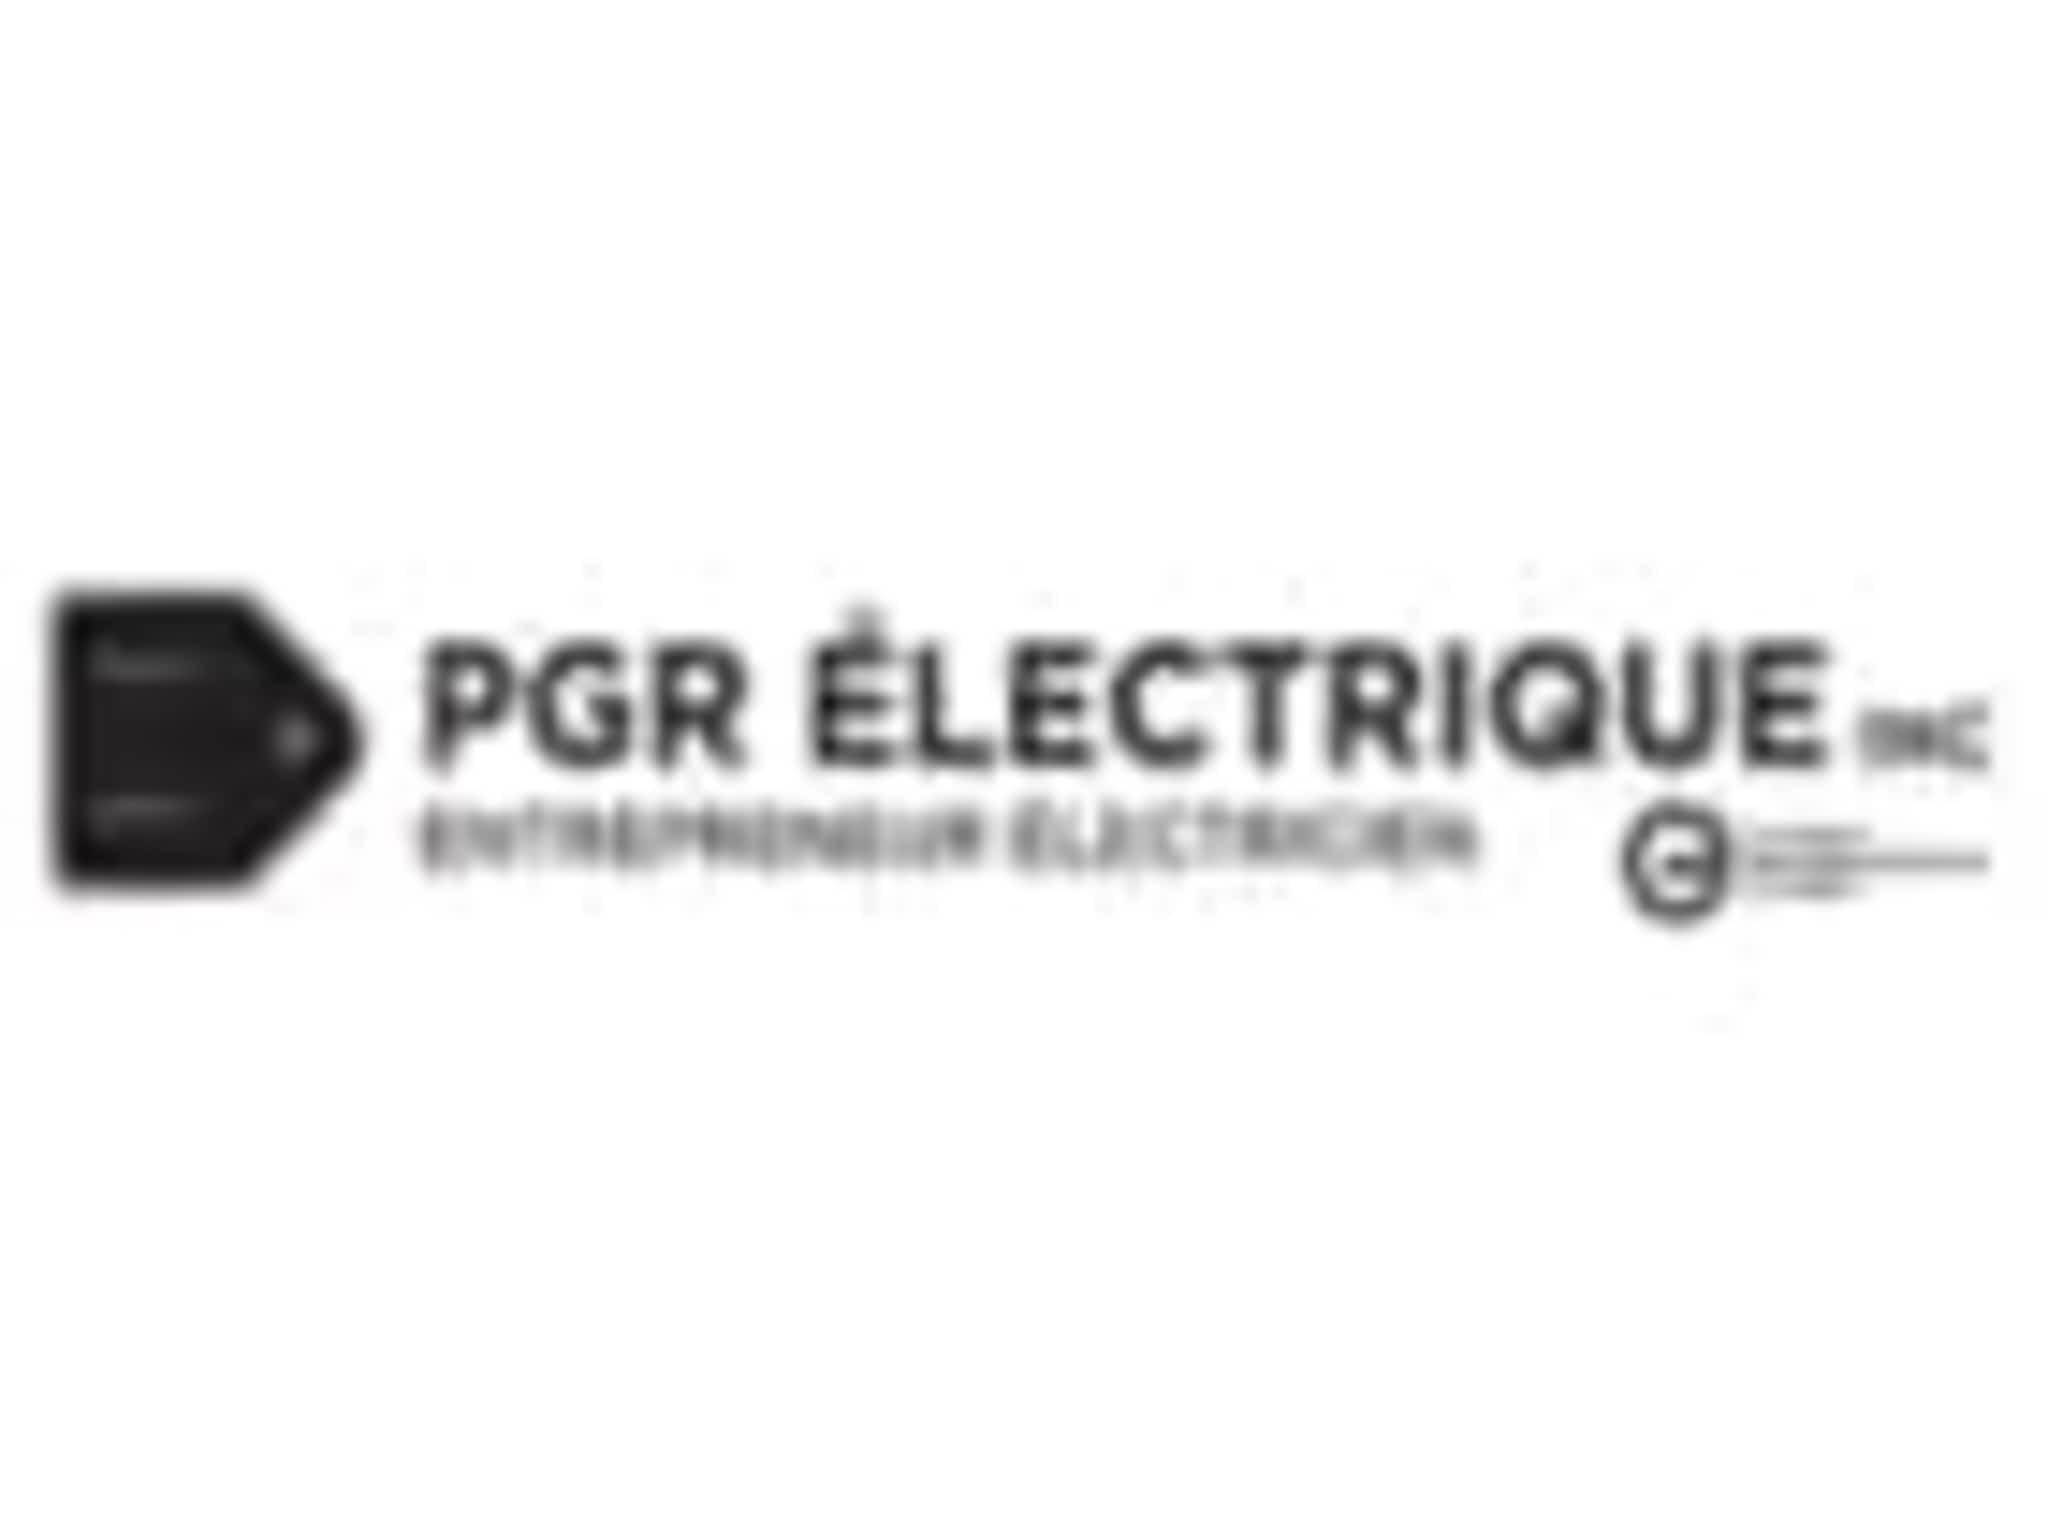 photo PGR Électrique Inc